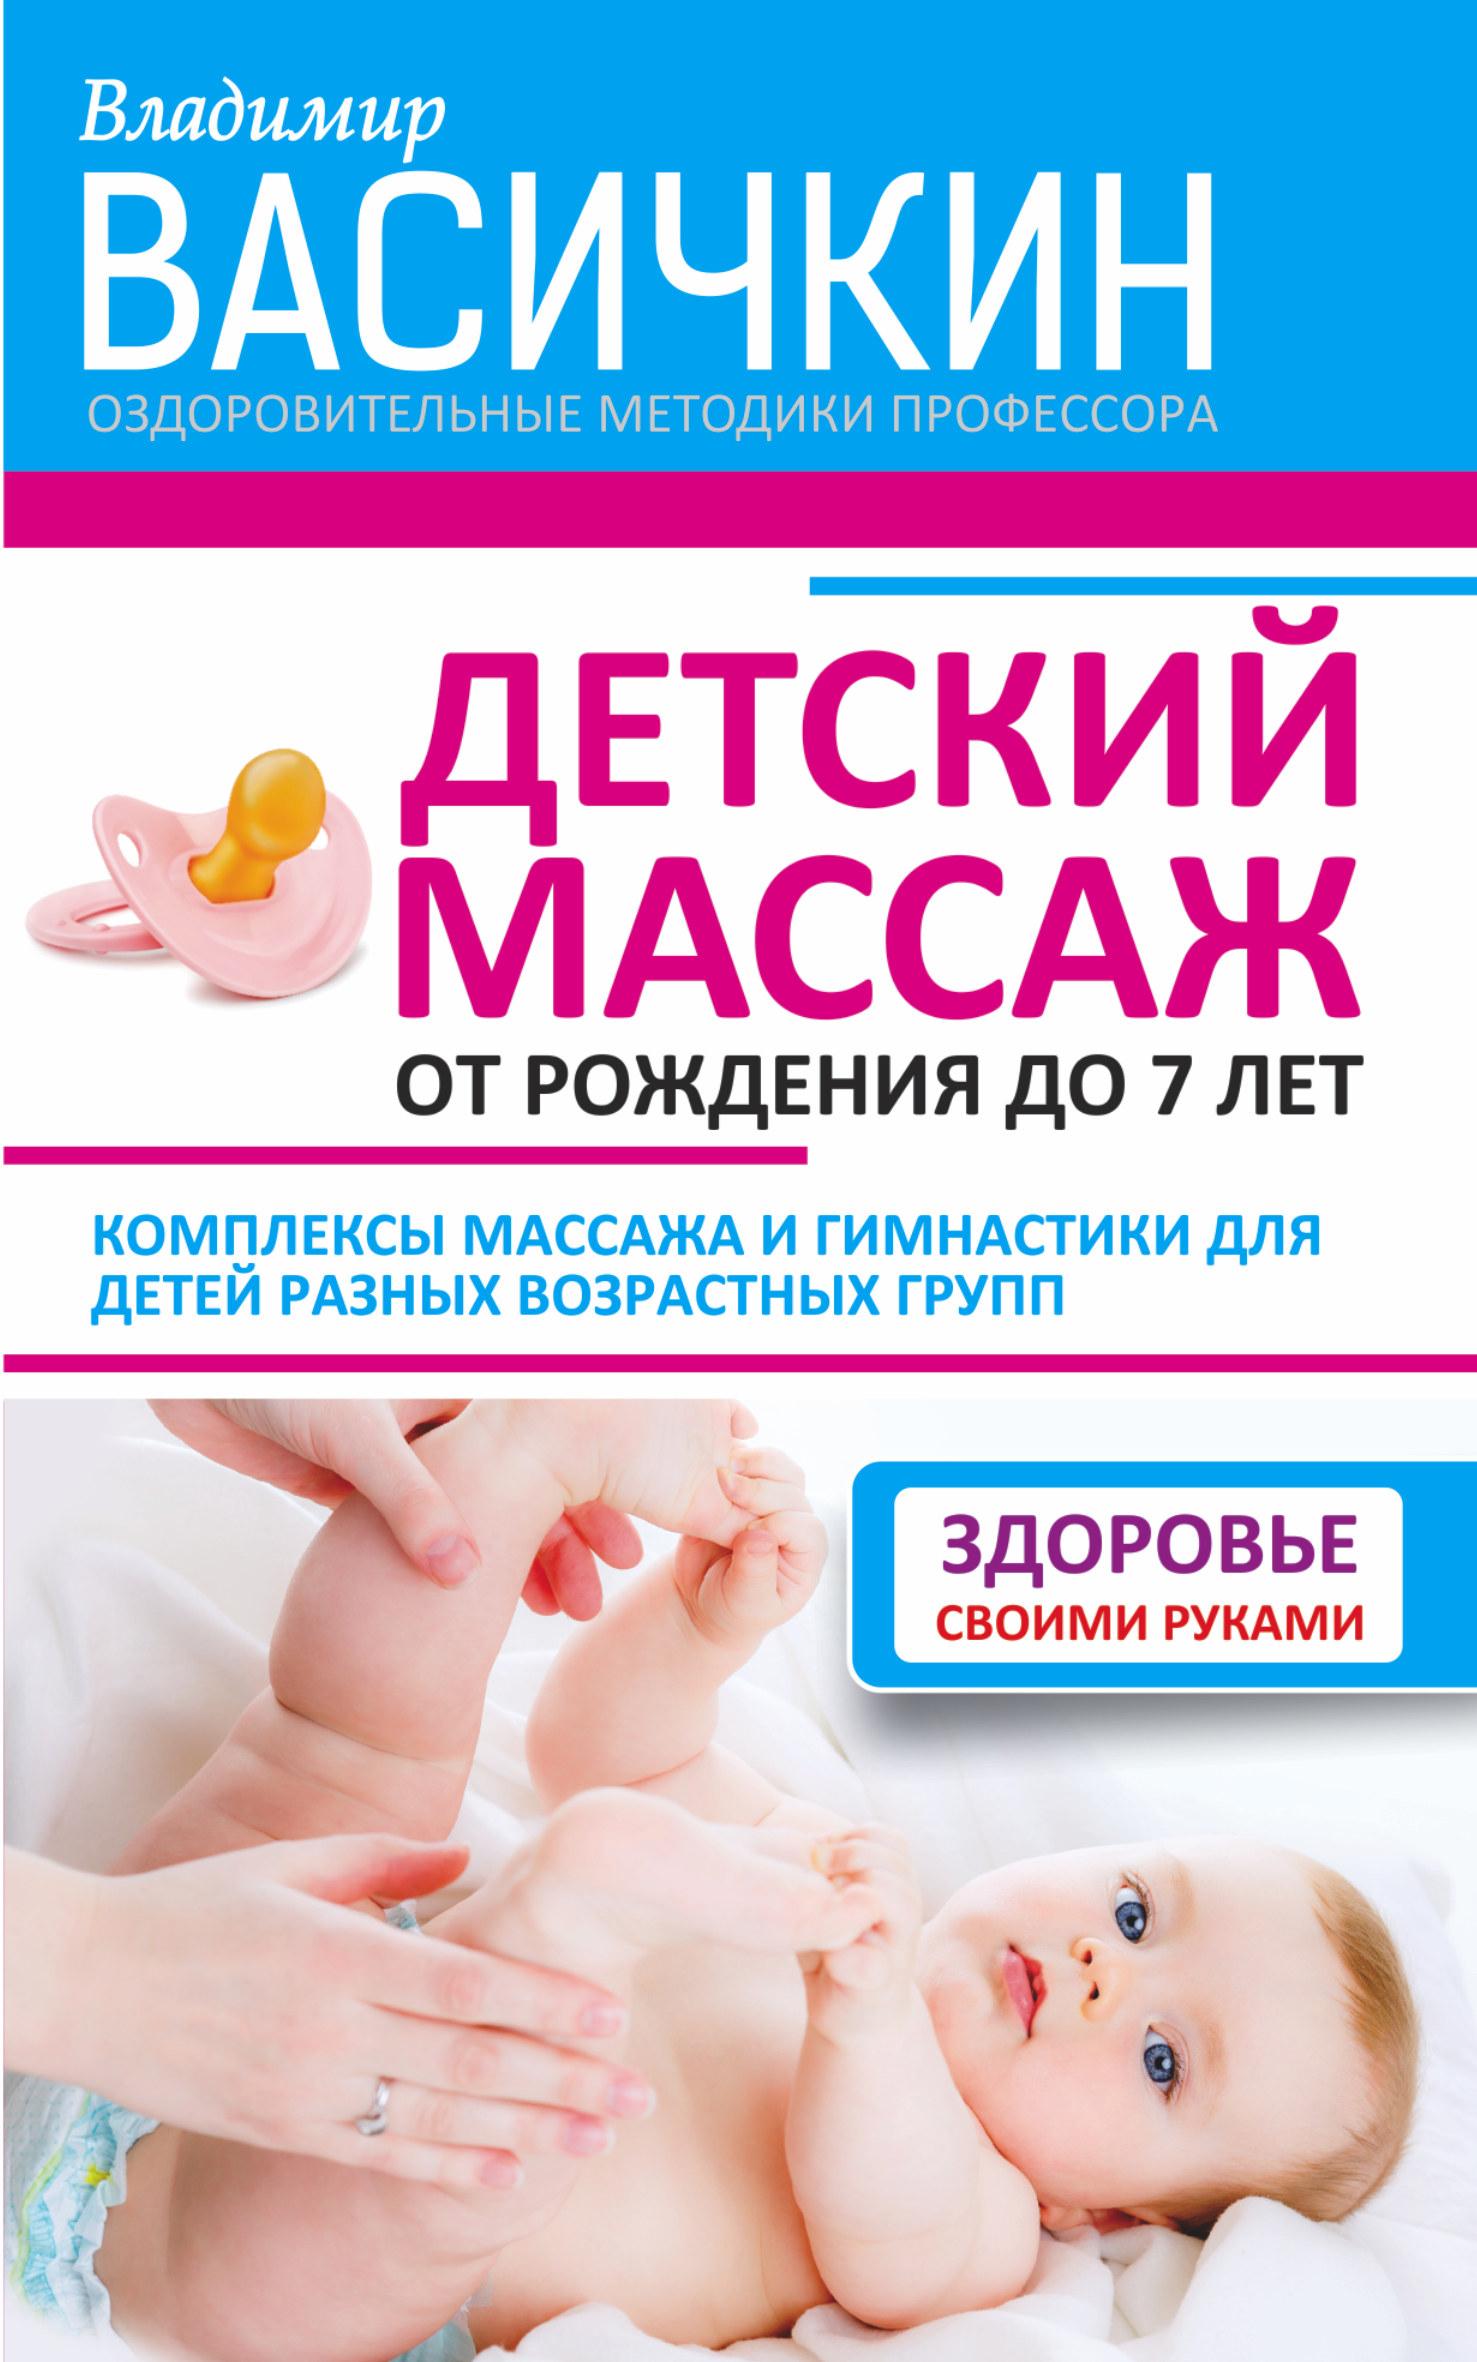 Владимир Васичкин «Детский массаж. От рождения до 7 лет»